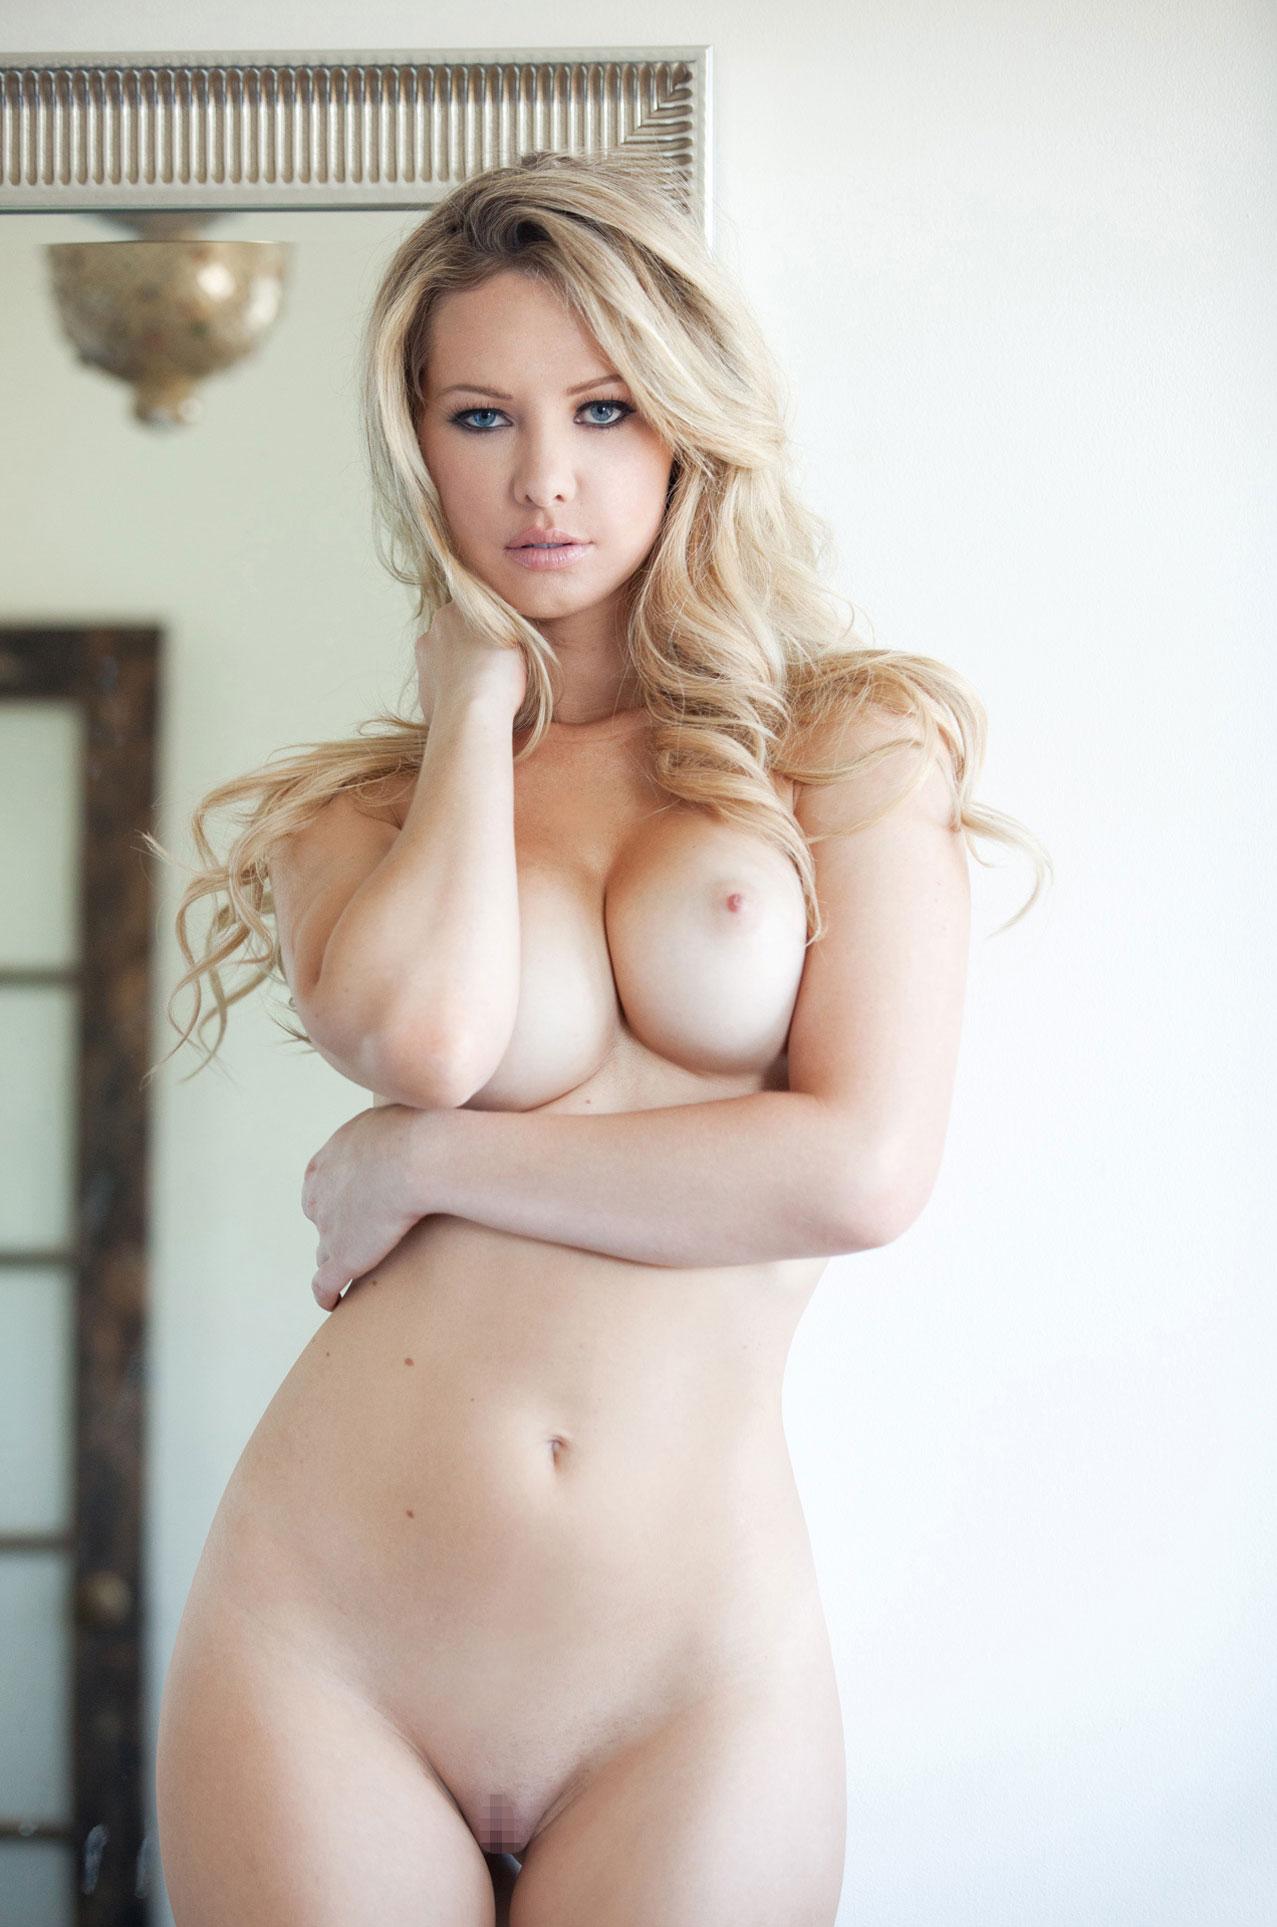 подборка фотографий сексуальных голых девушек - Tiffany Toth